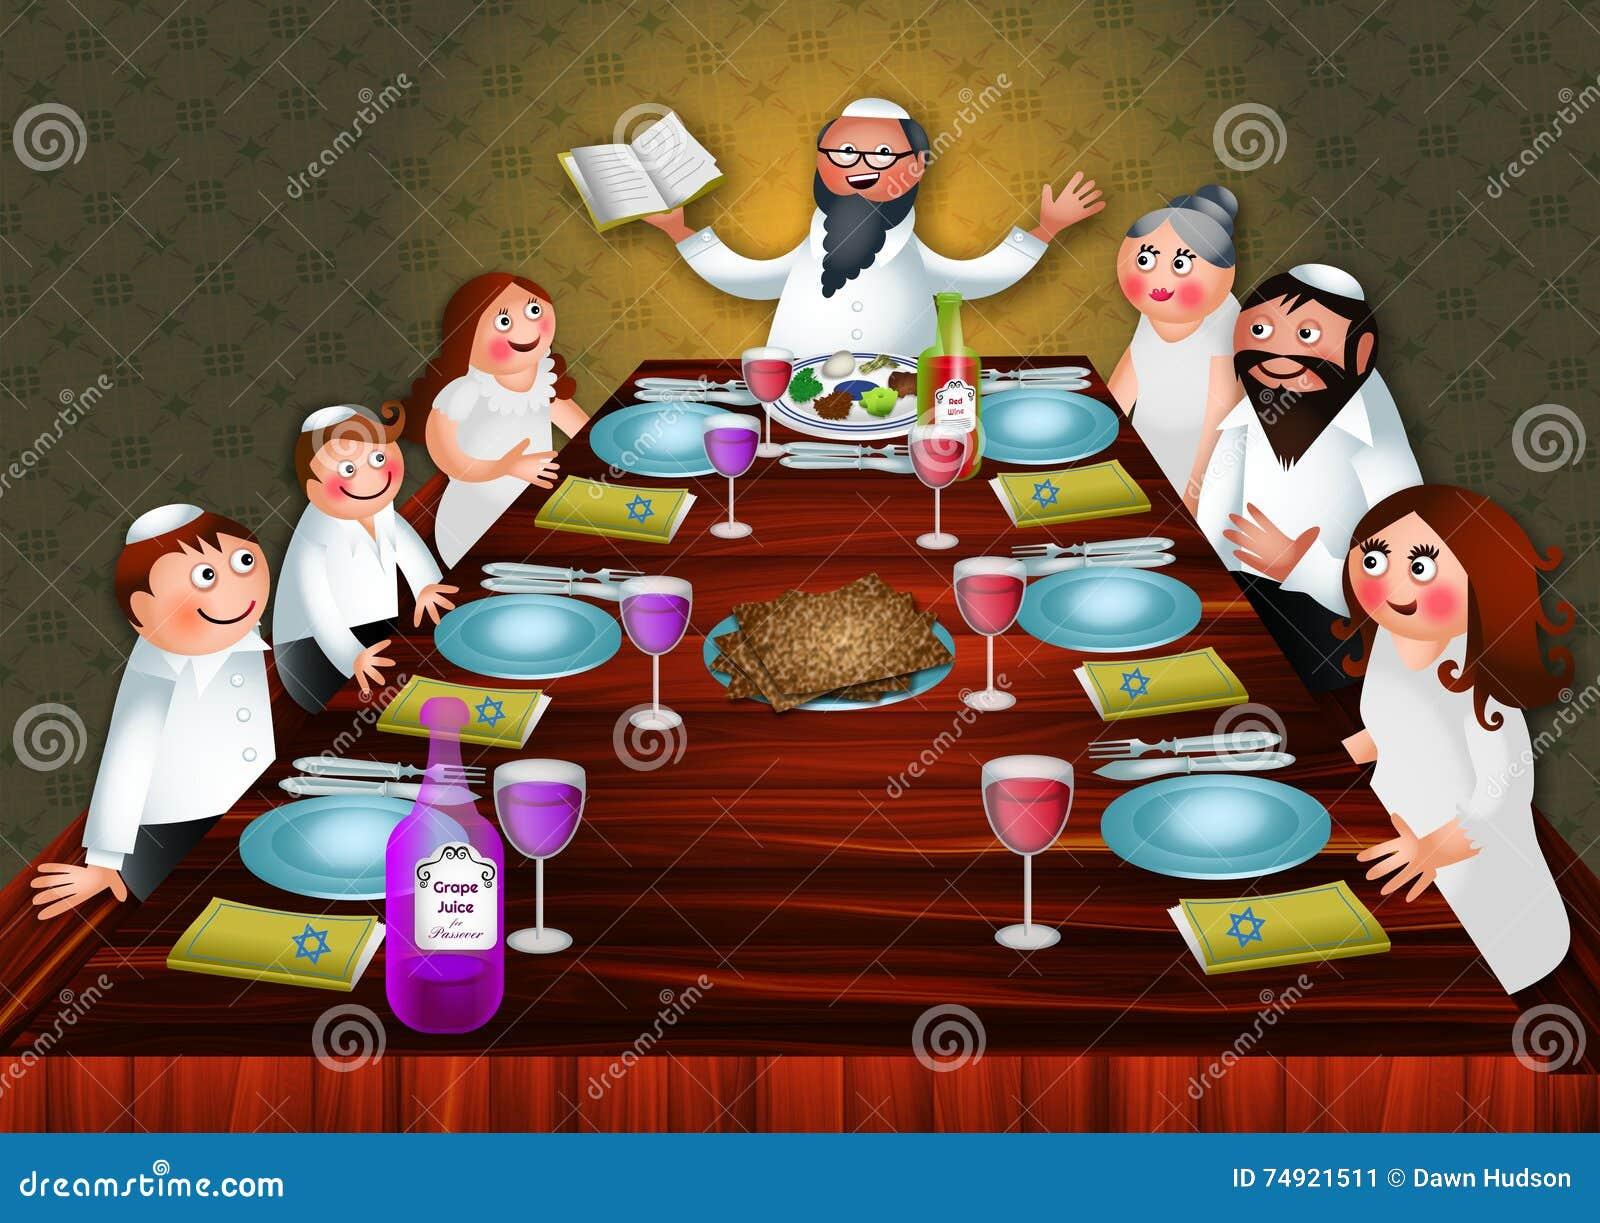 Refeicao Da Familia Da Pascoa Judaica Ilustracao Stock Ilustracao De Familia Judaica 74921511